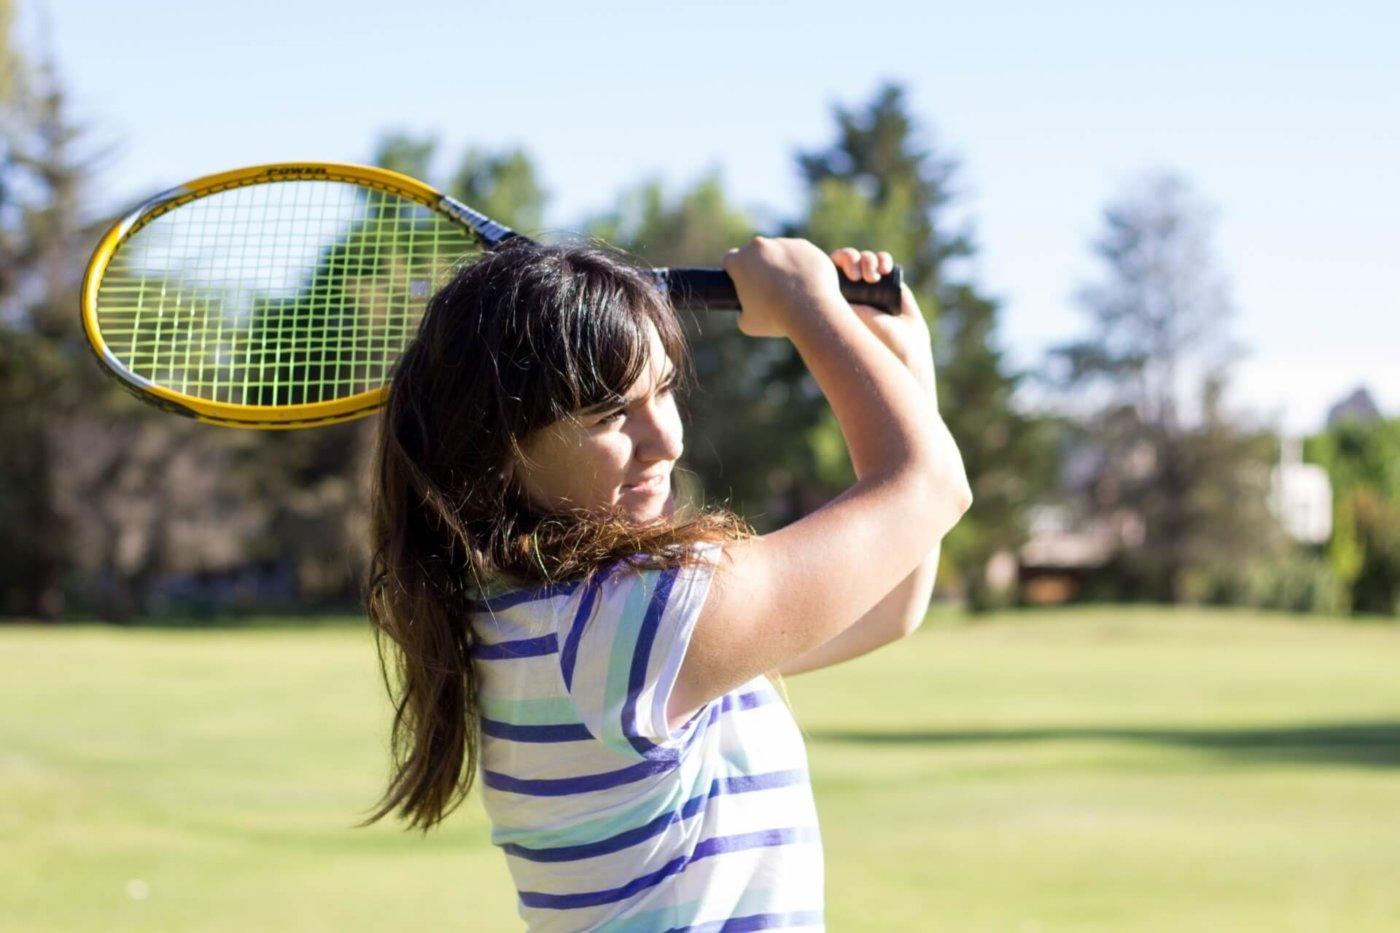 効果的な練習には必須!テニスで鍛えるべき筋肉